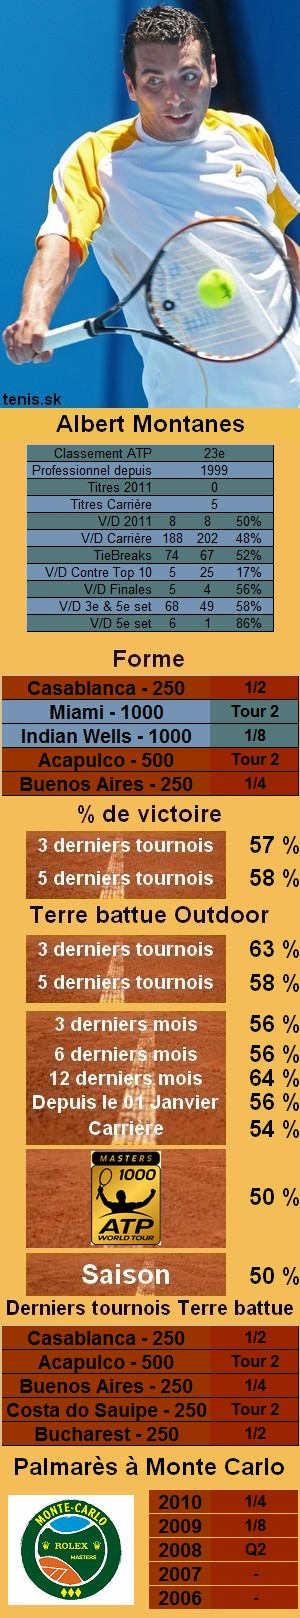 Les statistiques tennis de Albert Montanes pour le tournoi de Monte Carlo